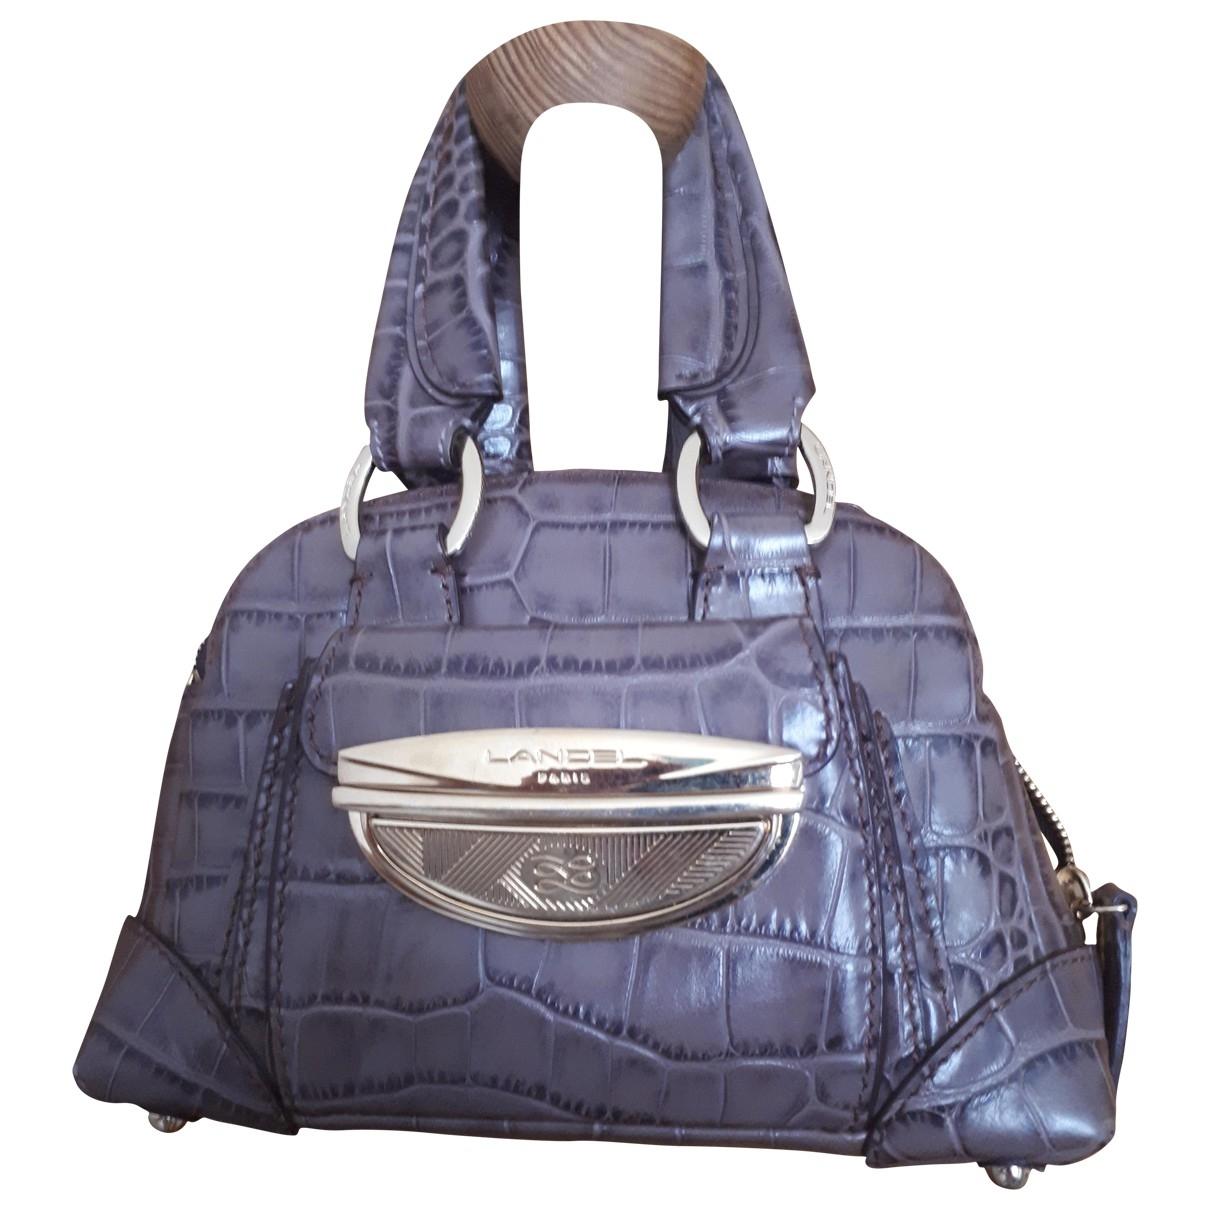 Lancel Adjani Handtasche in Leder